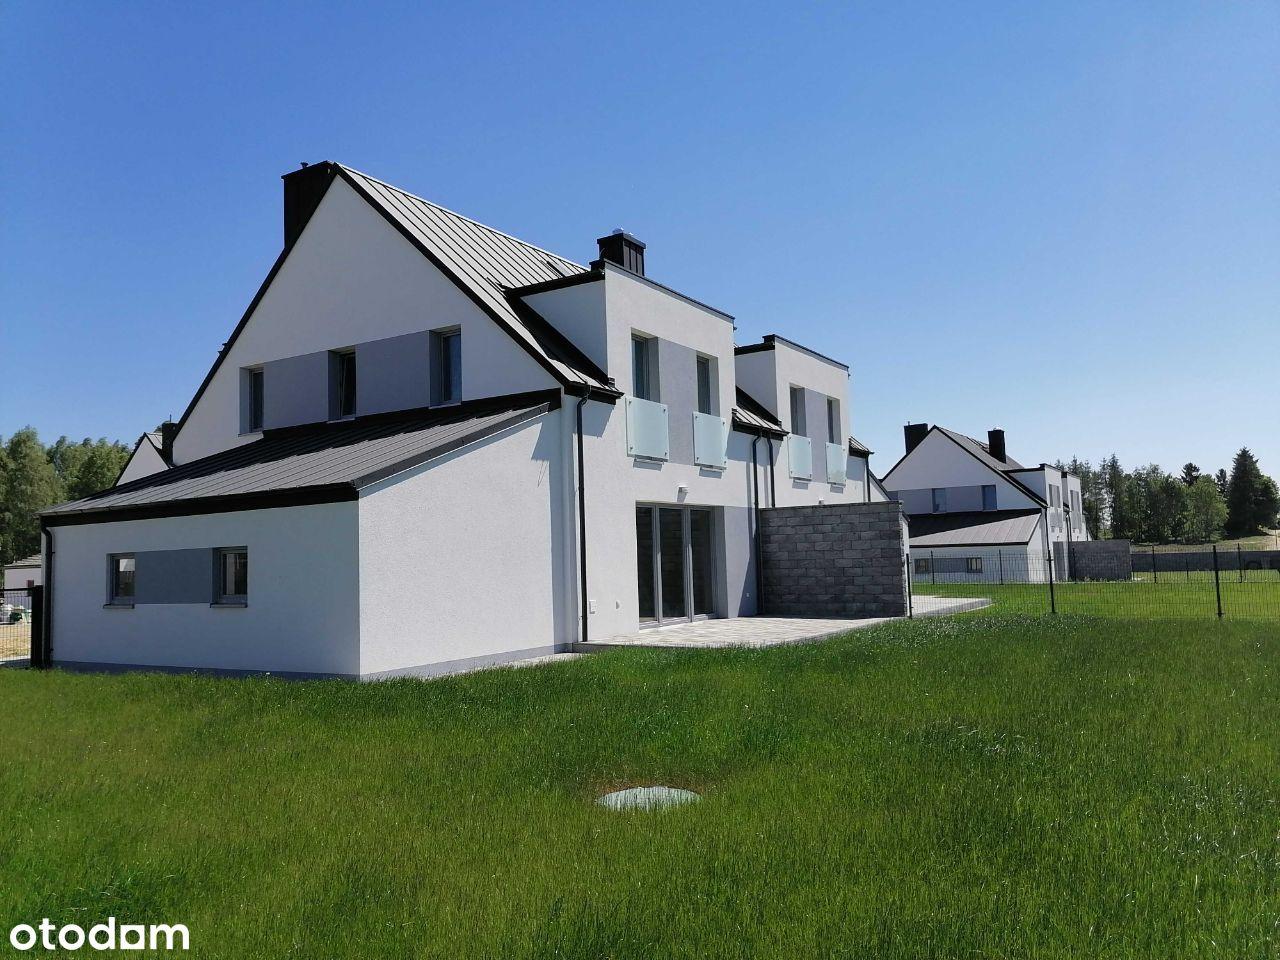 Dom jednorodzinny w zabudowie bliźniaczej Bojano.